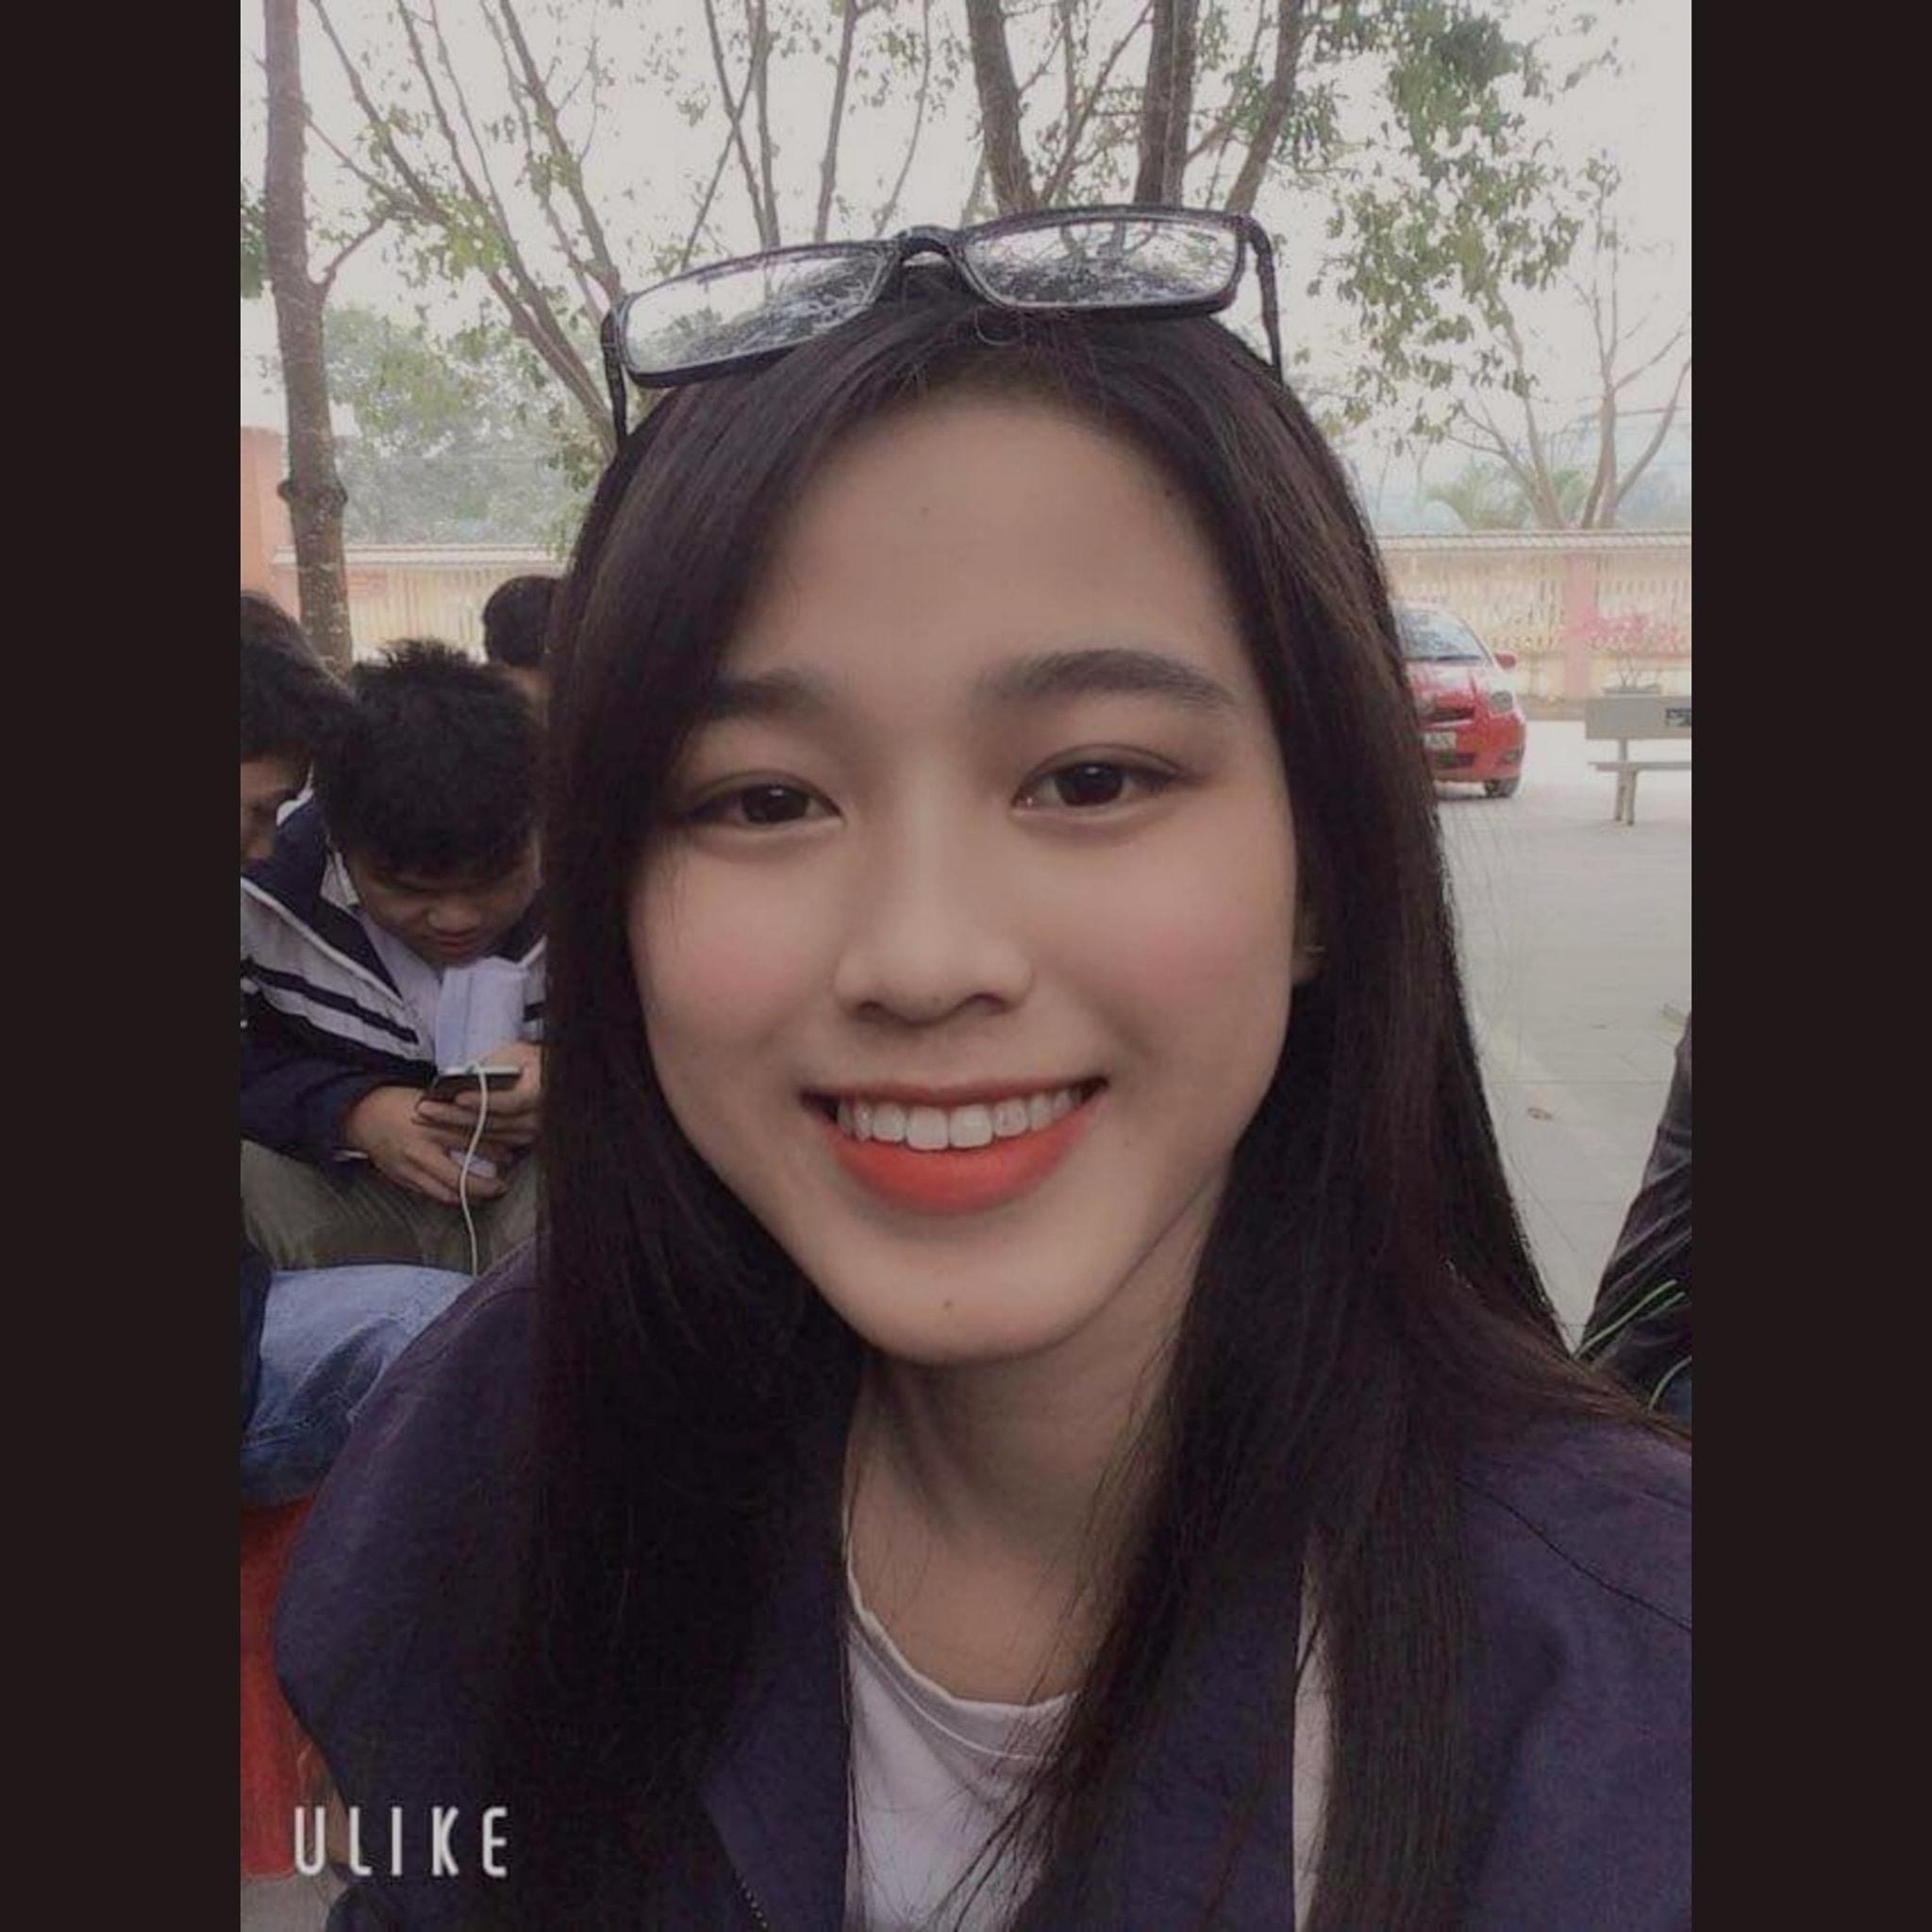 """2 sắc son tô điểm nhan sắc cho nàng Tân Hoa hậu 19 tuổi: Ngay cả đêm chung kết Đỗ Thị Hà cũng diện sắc son """"chân ái""""  - Ảnh 7."""